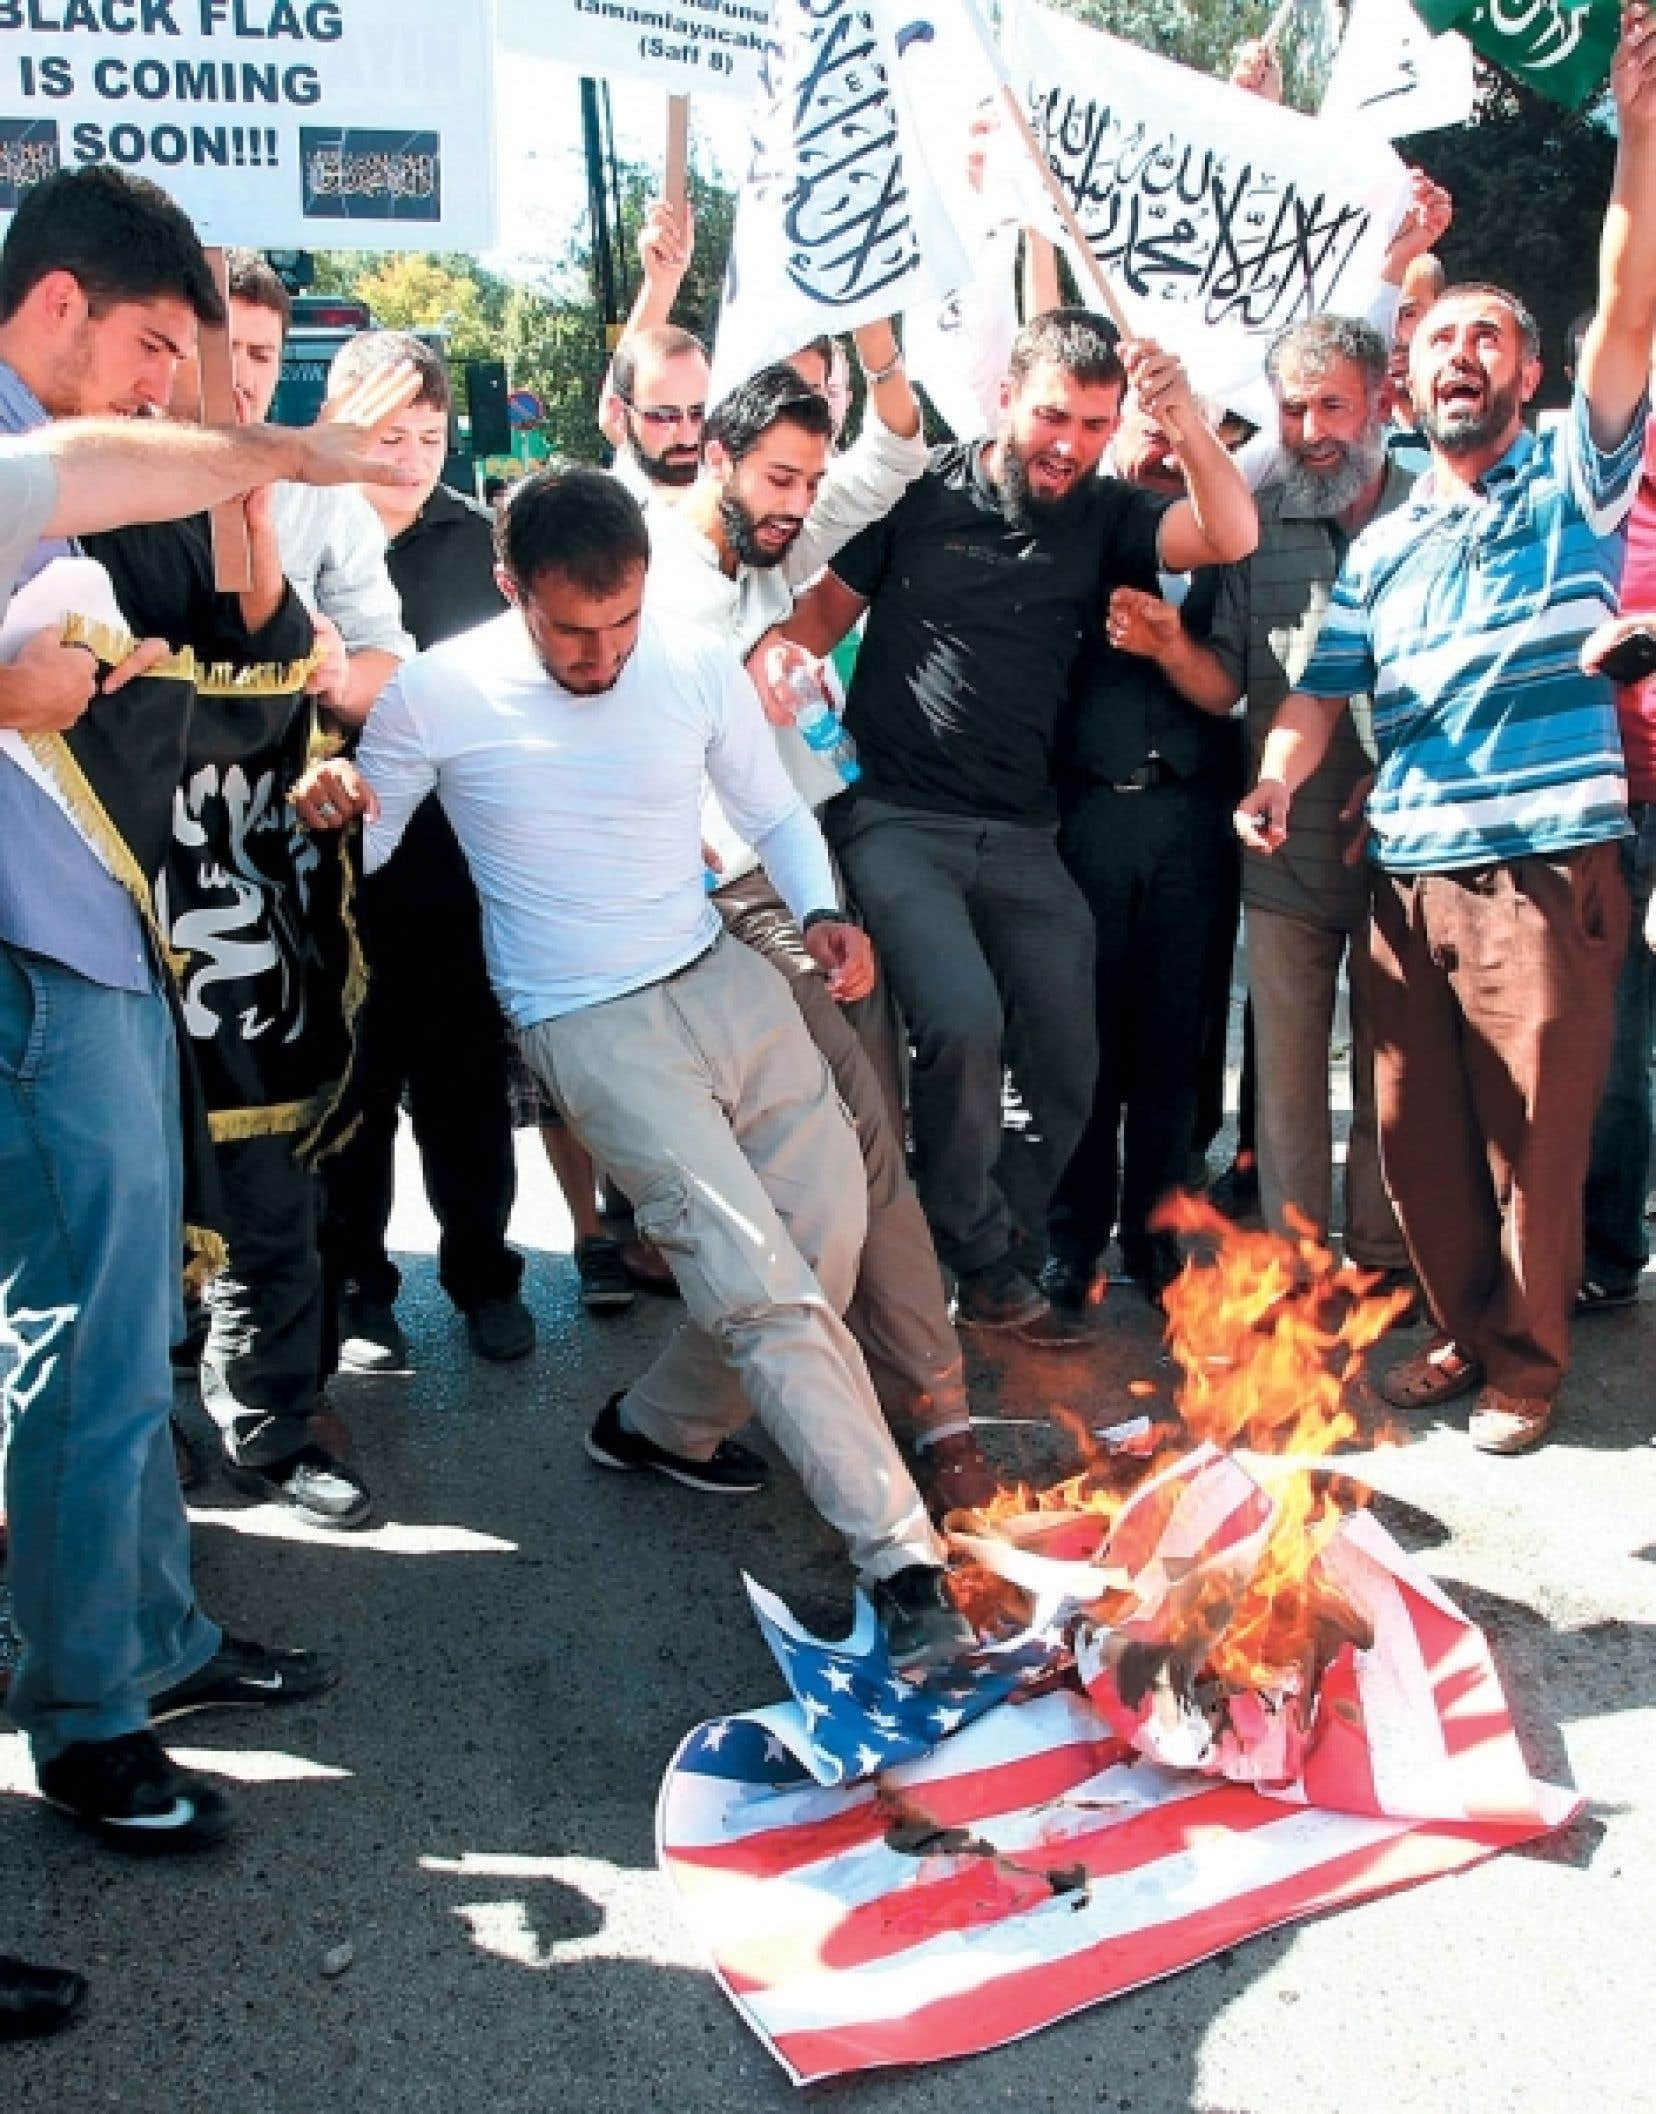 La similitude des événements de 1979 (assassinat de l'ambassadeur américain en Afghanistan, attaques contre les ambassades à Islamabad, Tripoli et Téhéran) avec ceux des derniers jours met en évidence une donnée constante au Moyen-Orient : l'anti-américanisme. Ici, des manifestants turcs brûlent un drapeau.